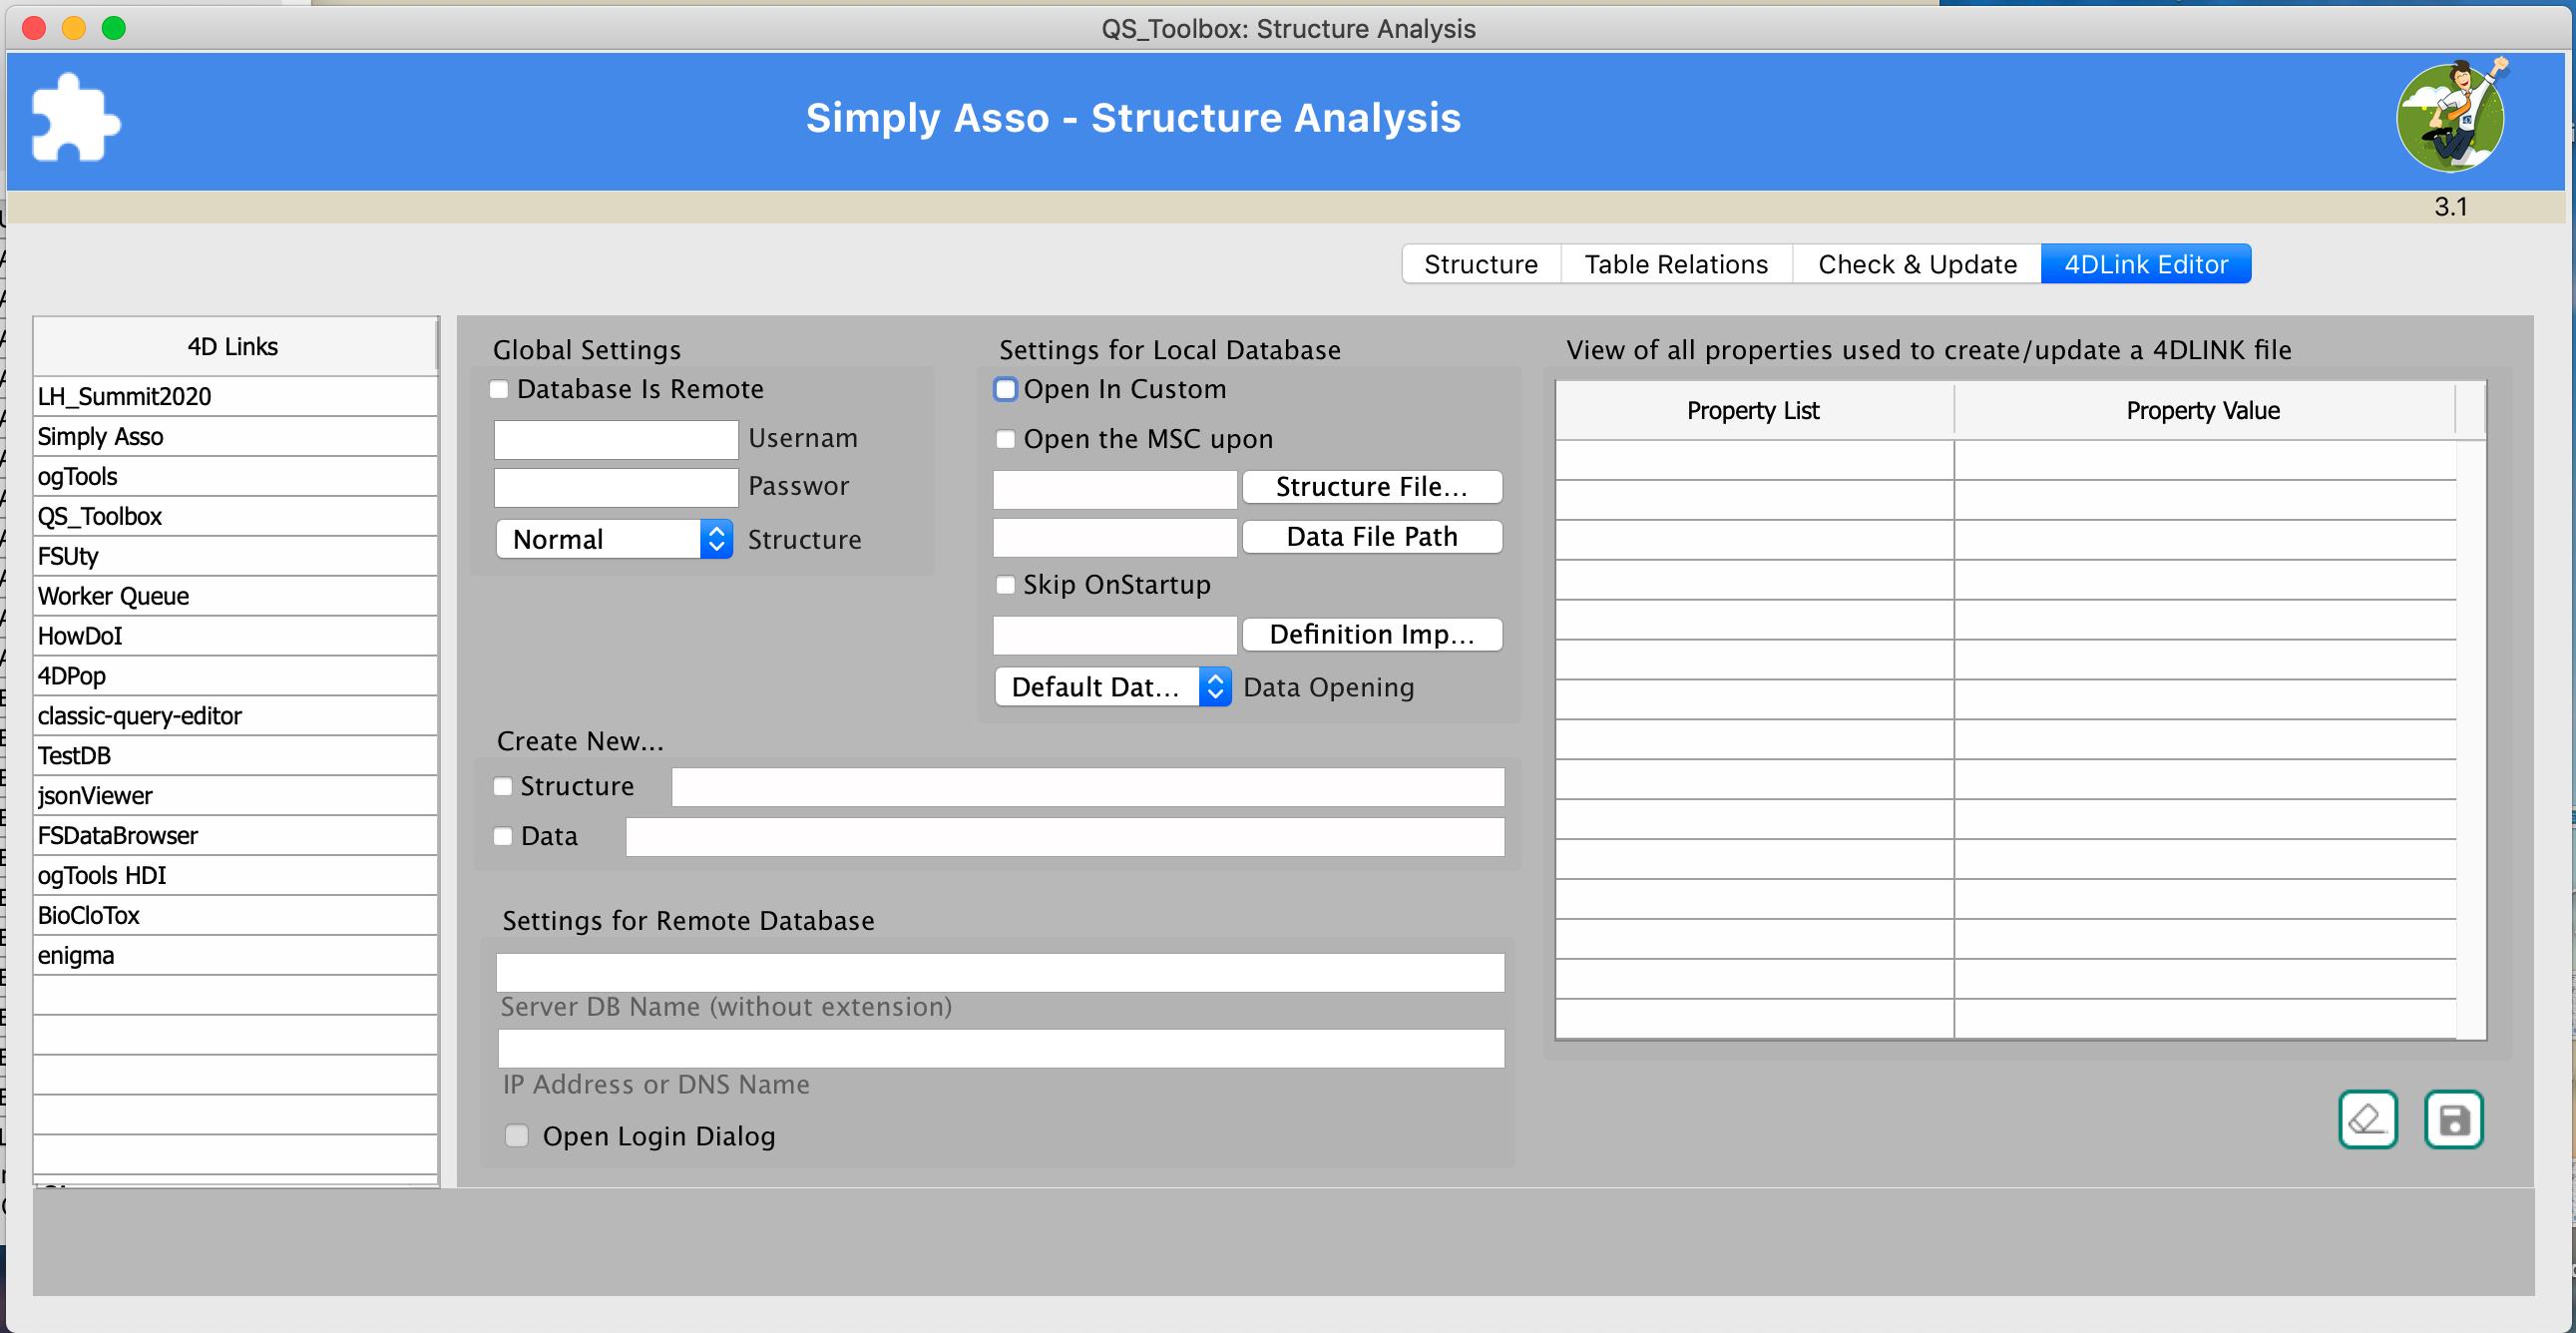 QST_StructureAnalysis5